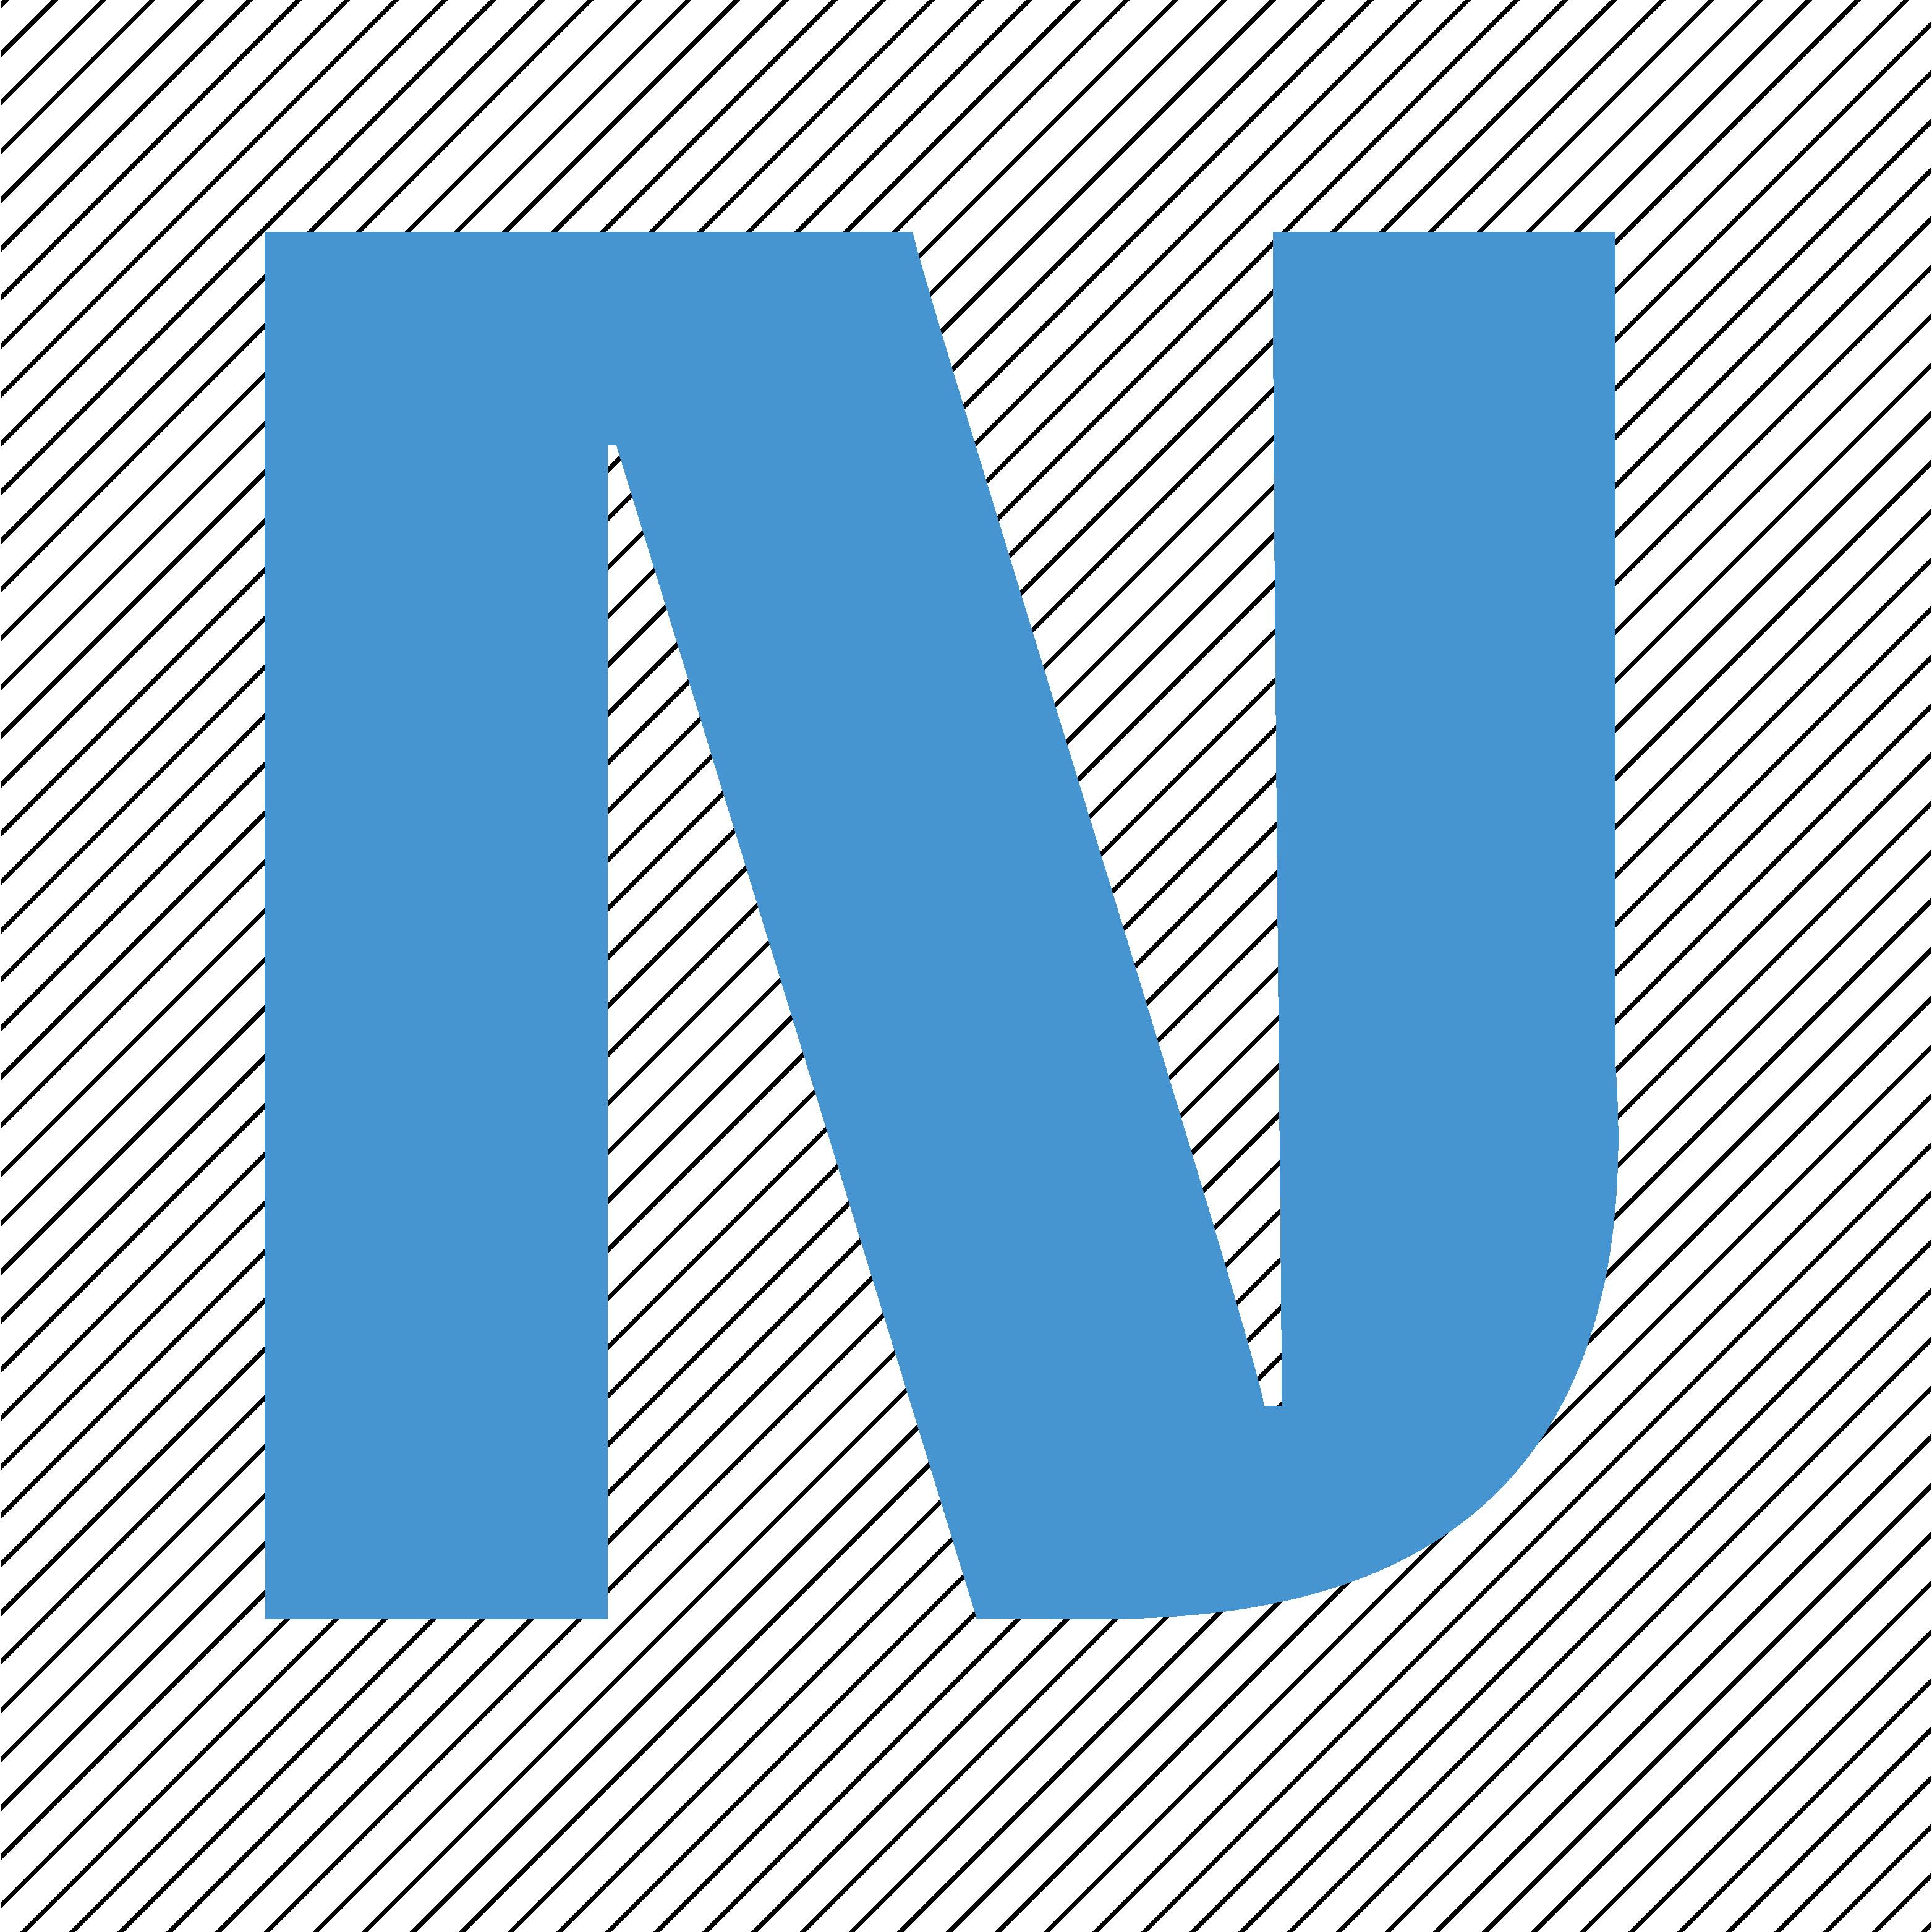 Notek Vorrichtungen GmbH